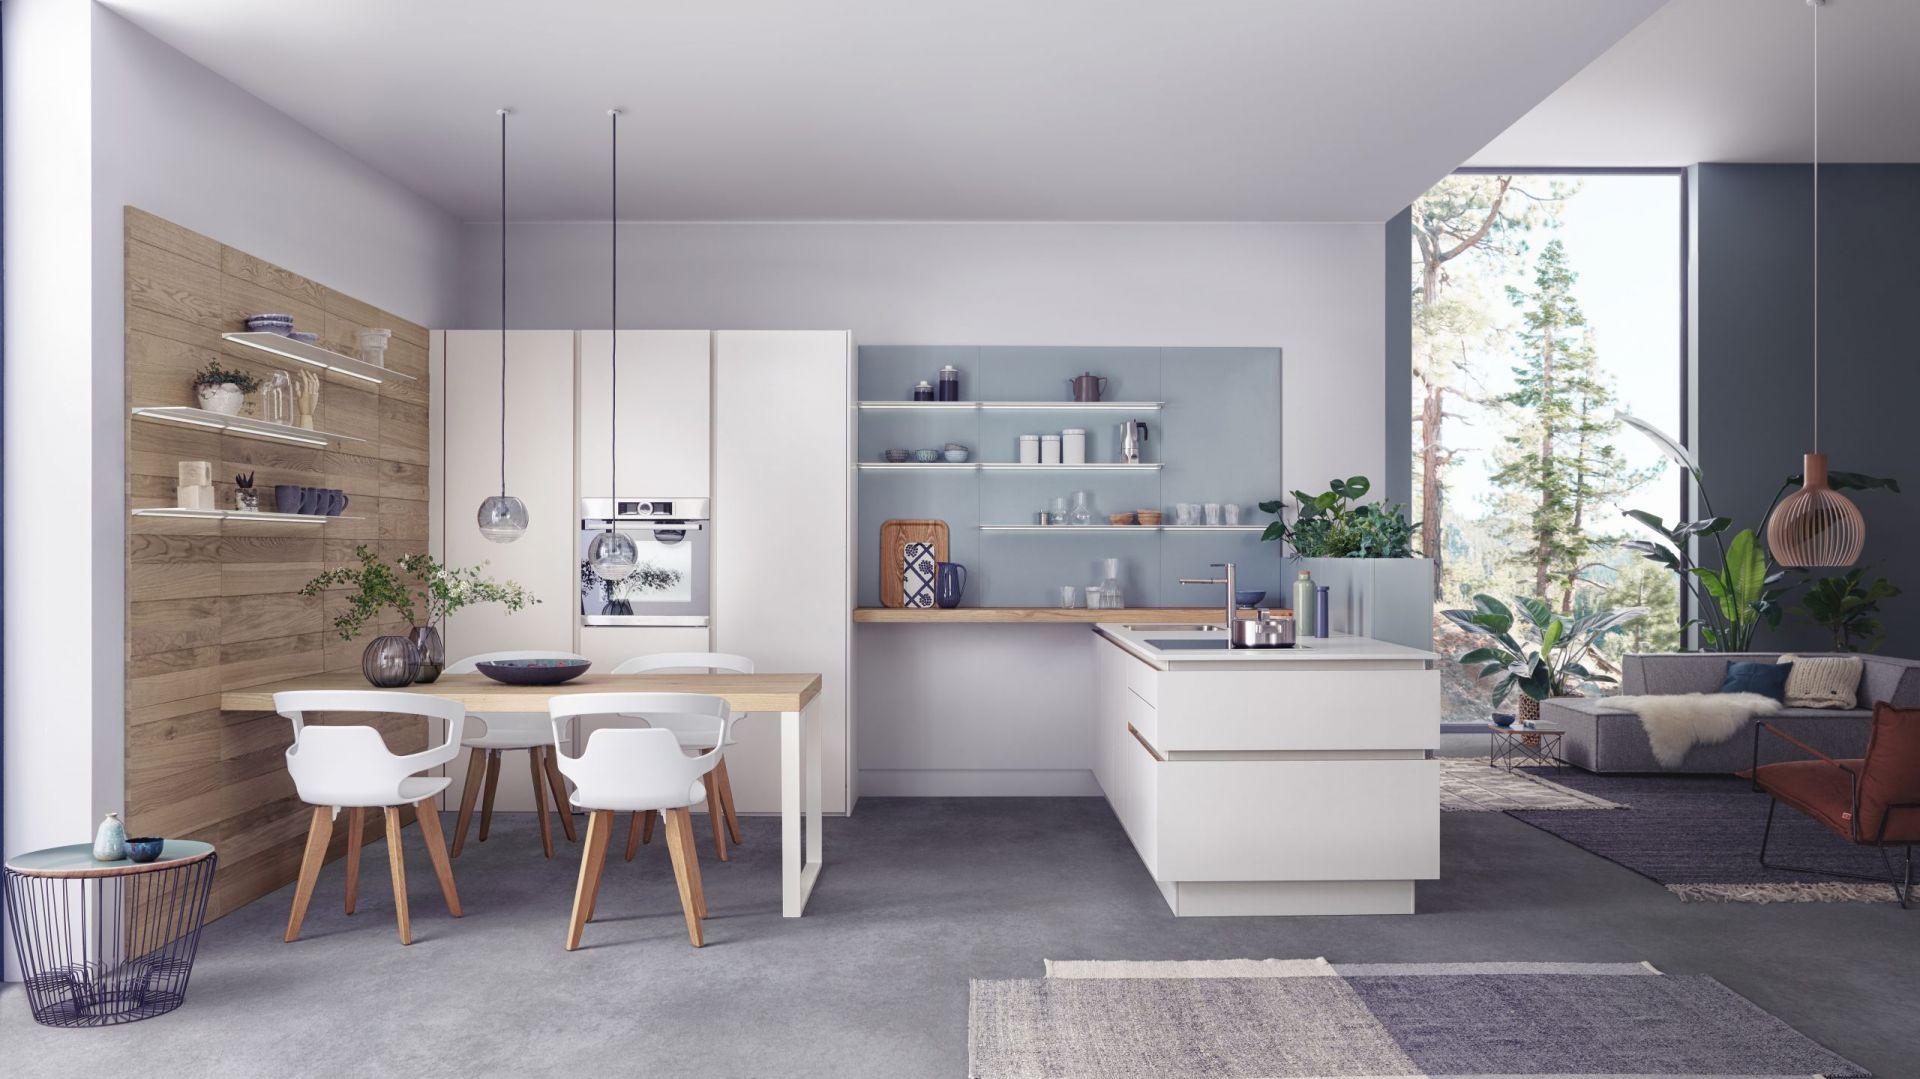 Kuchnia Solid-C   Valais   Classic-FS w kolorze białym zapewnia wrażenie ponadczasowej elegancji i przytulnego ciepła. Fot. Leicht